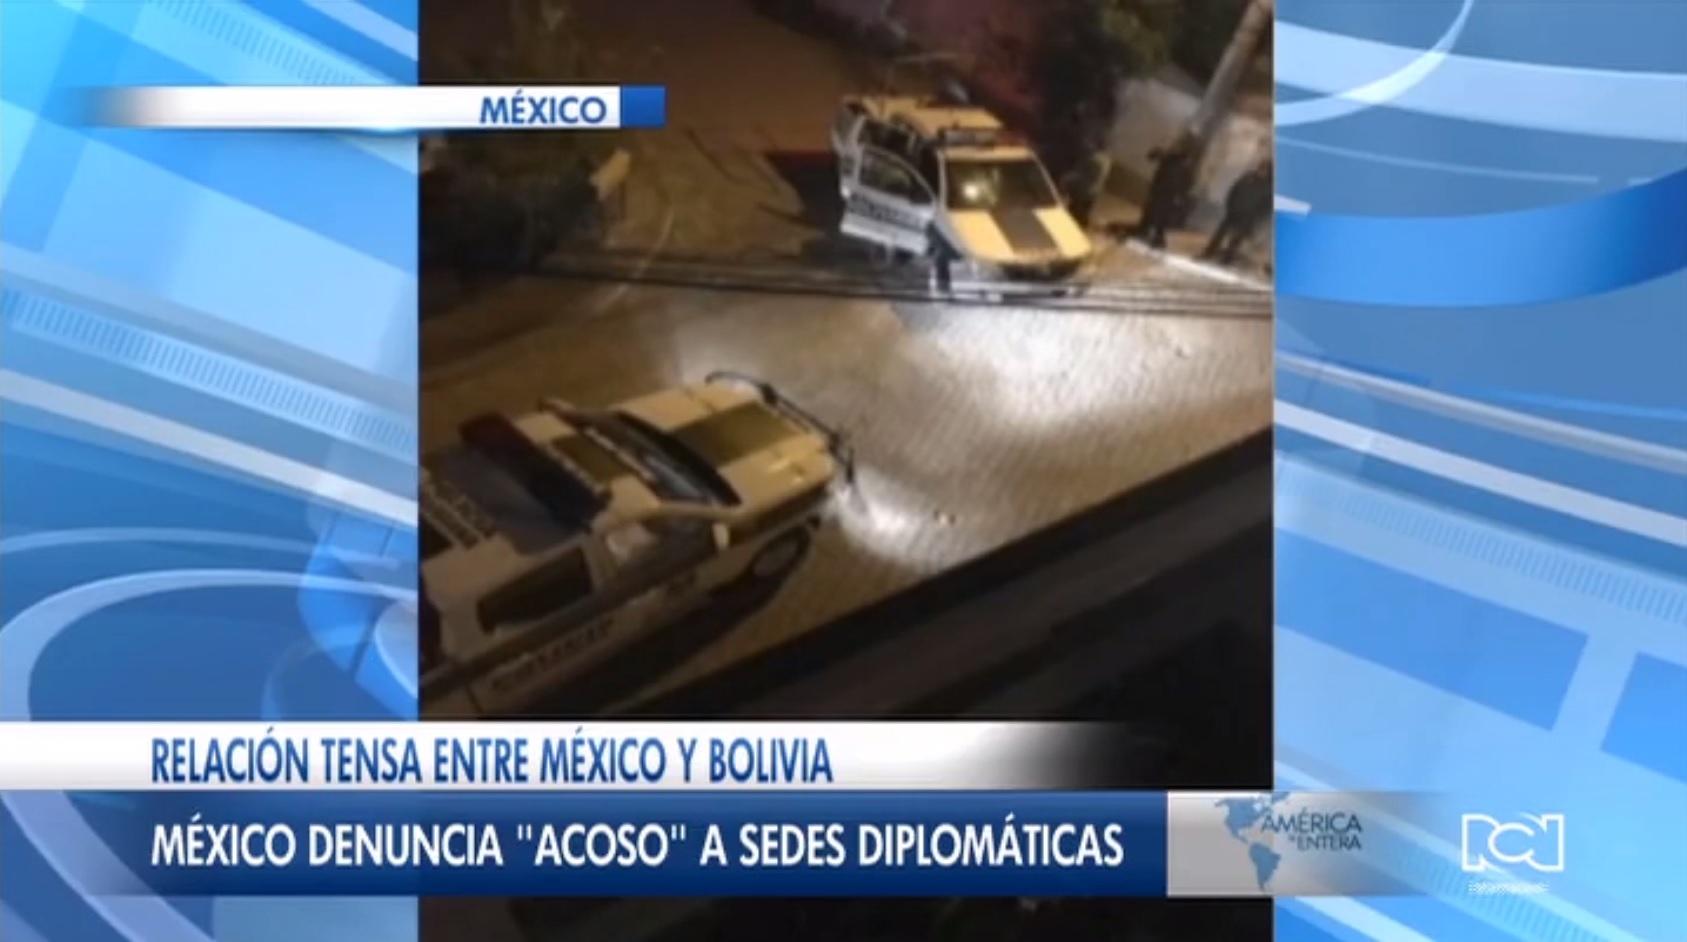 Cancillería de México volvió a denunciar acoso a sus sedes diplomáticas en Bolivia